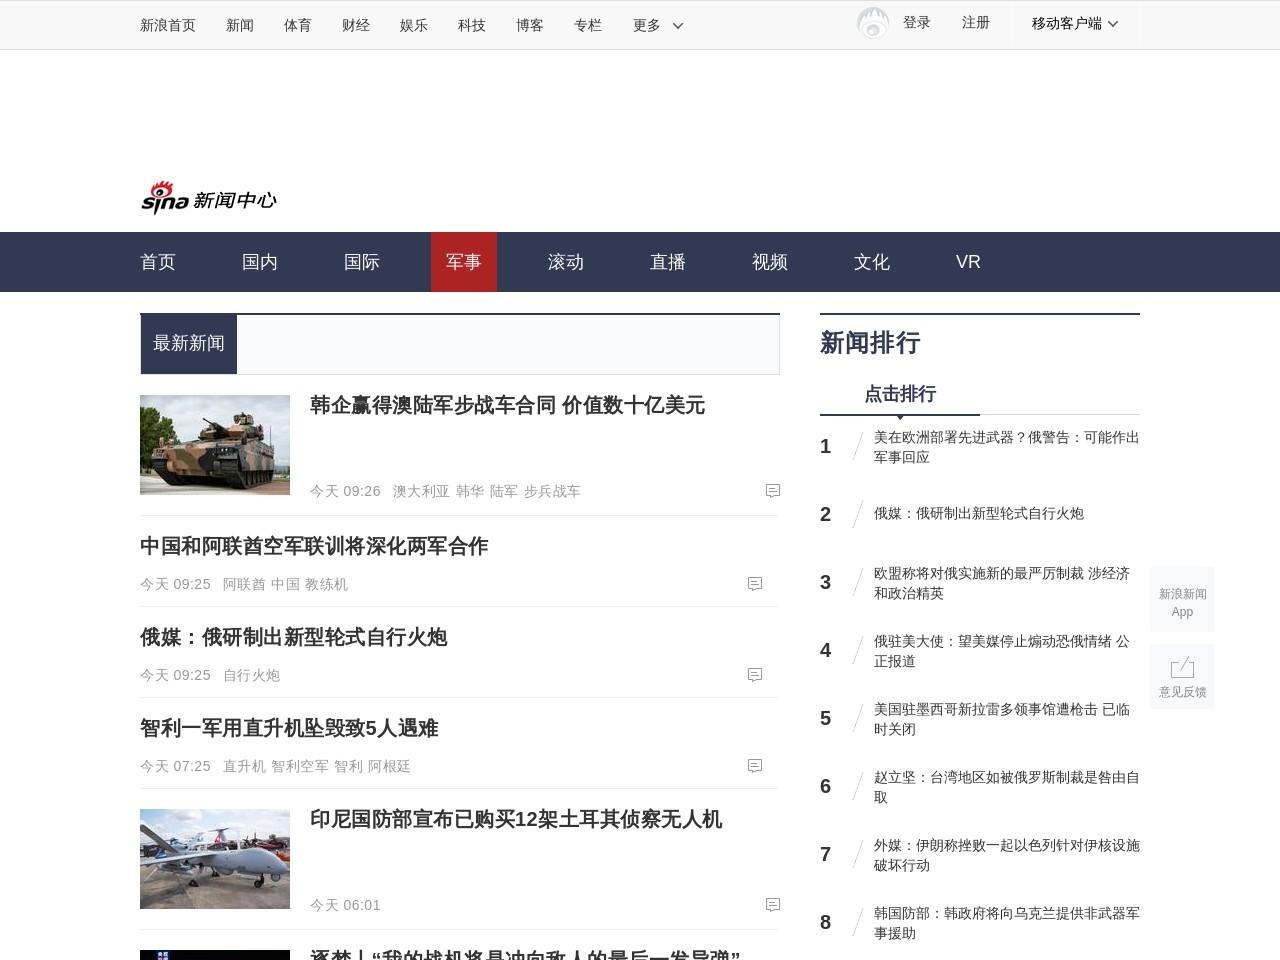 中国空间站核心舱发射在即 发射架回转平台全部打开|火箭|空间站|天和_新浪军事_新浪网